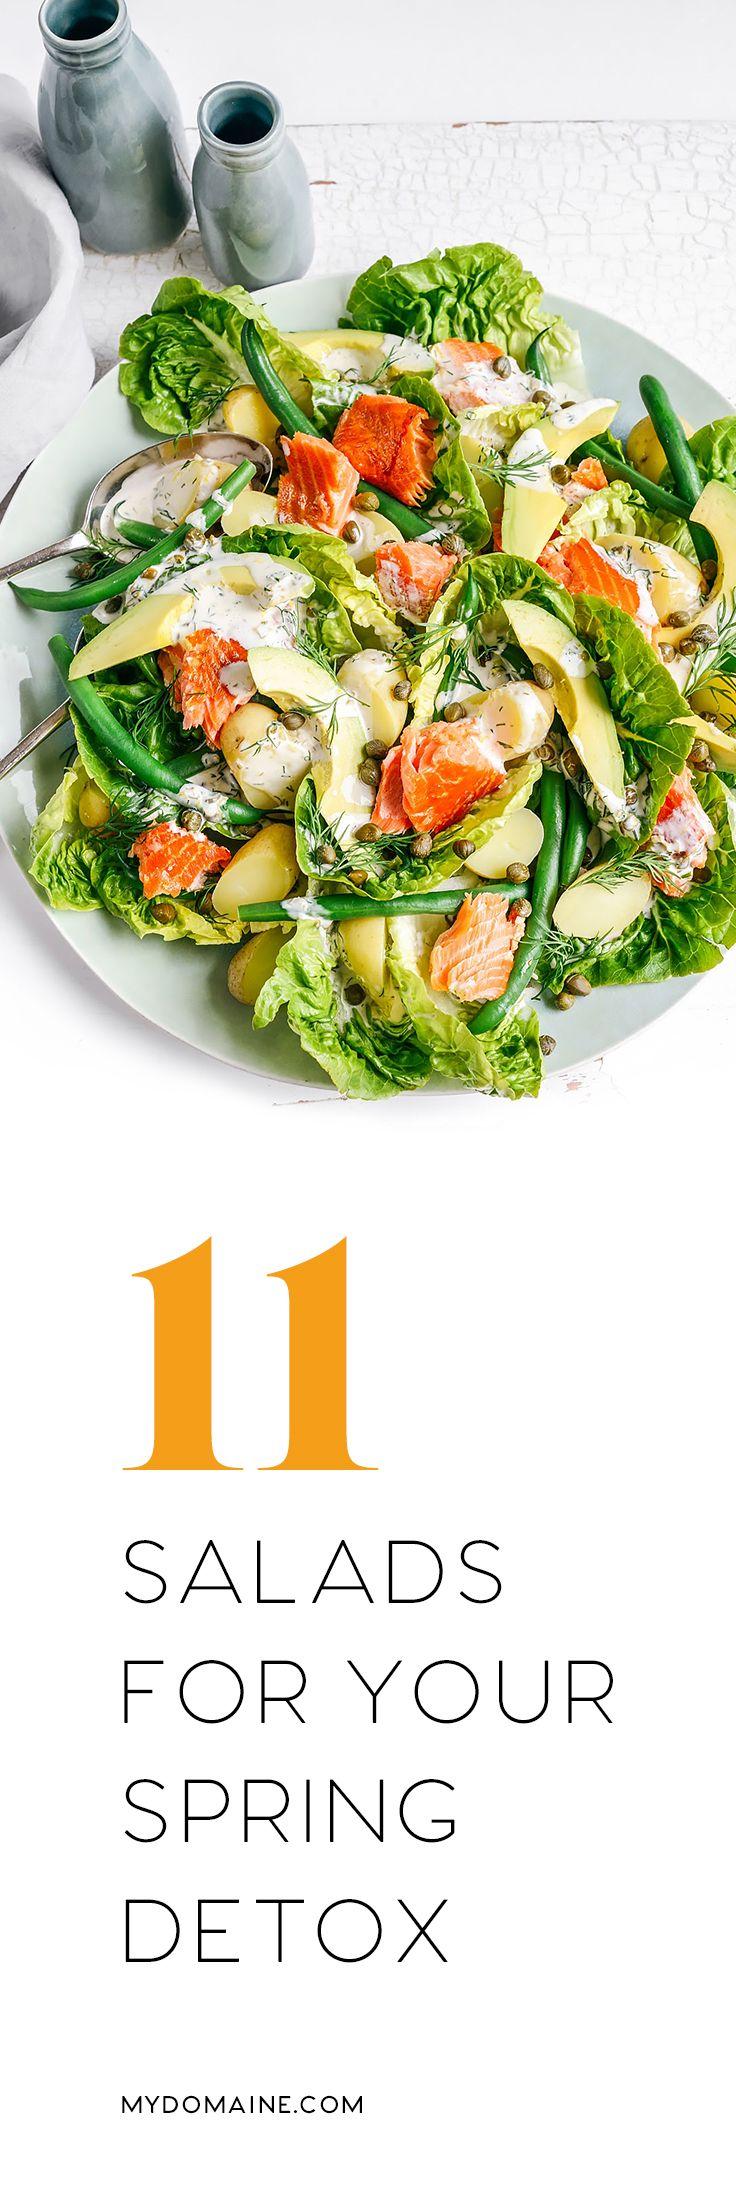 Spring salad recipes